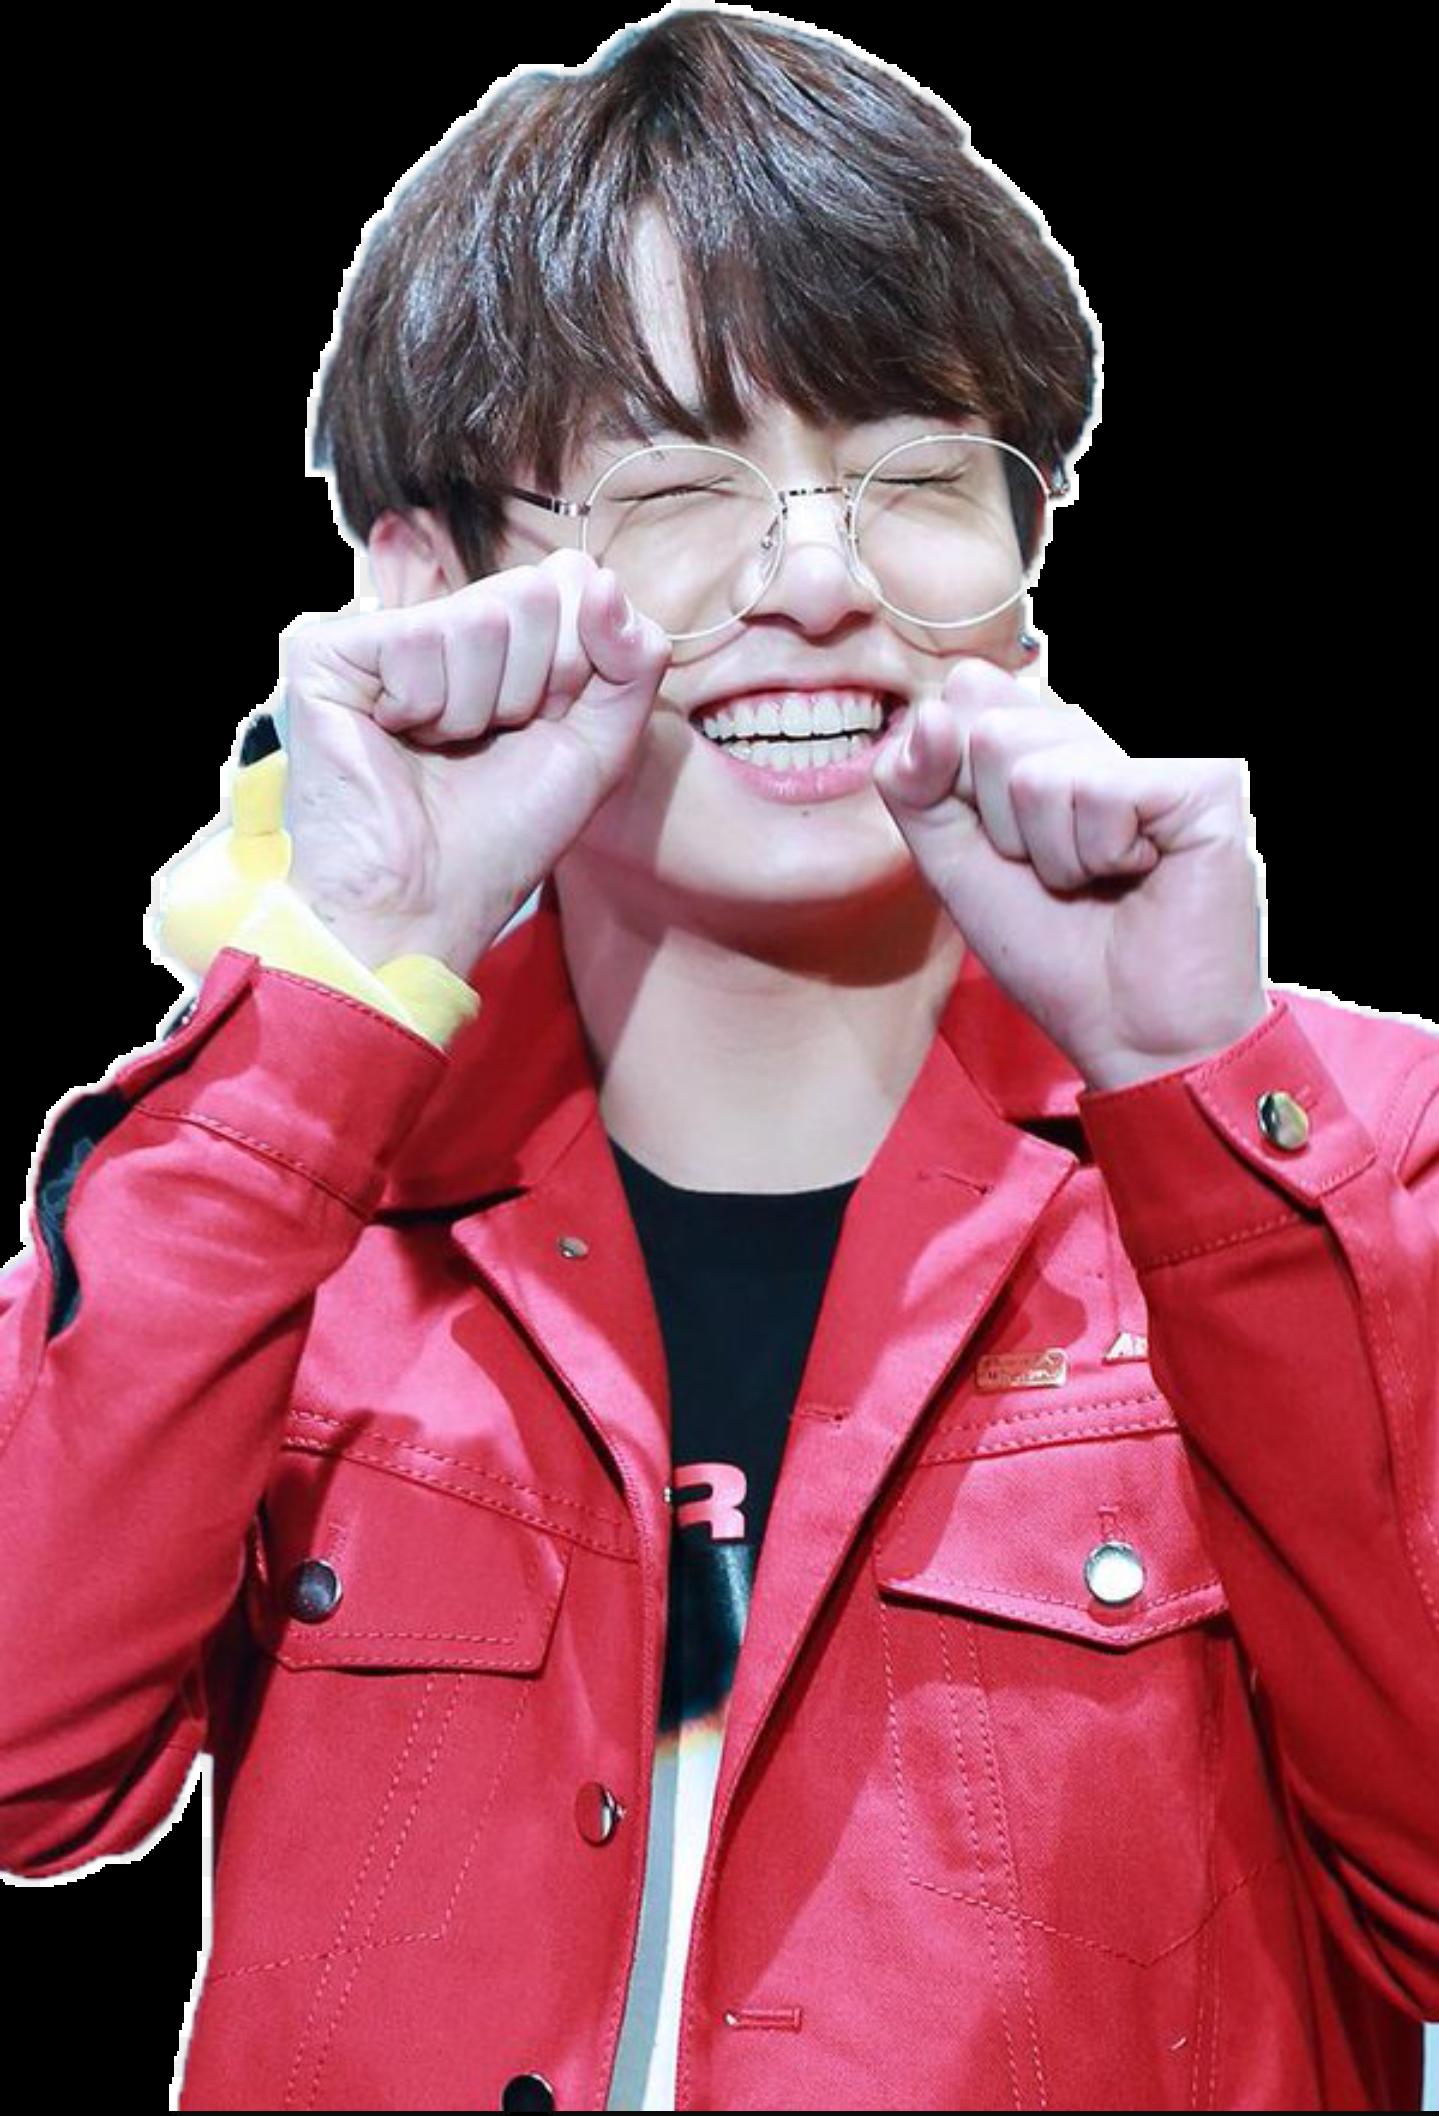 Jungkook Bts Jeonjungkook Cute Red Kpop Bighit